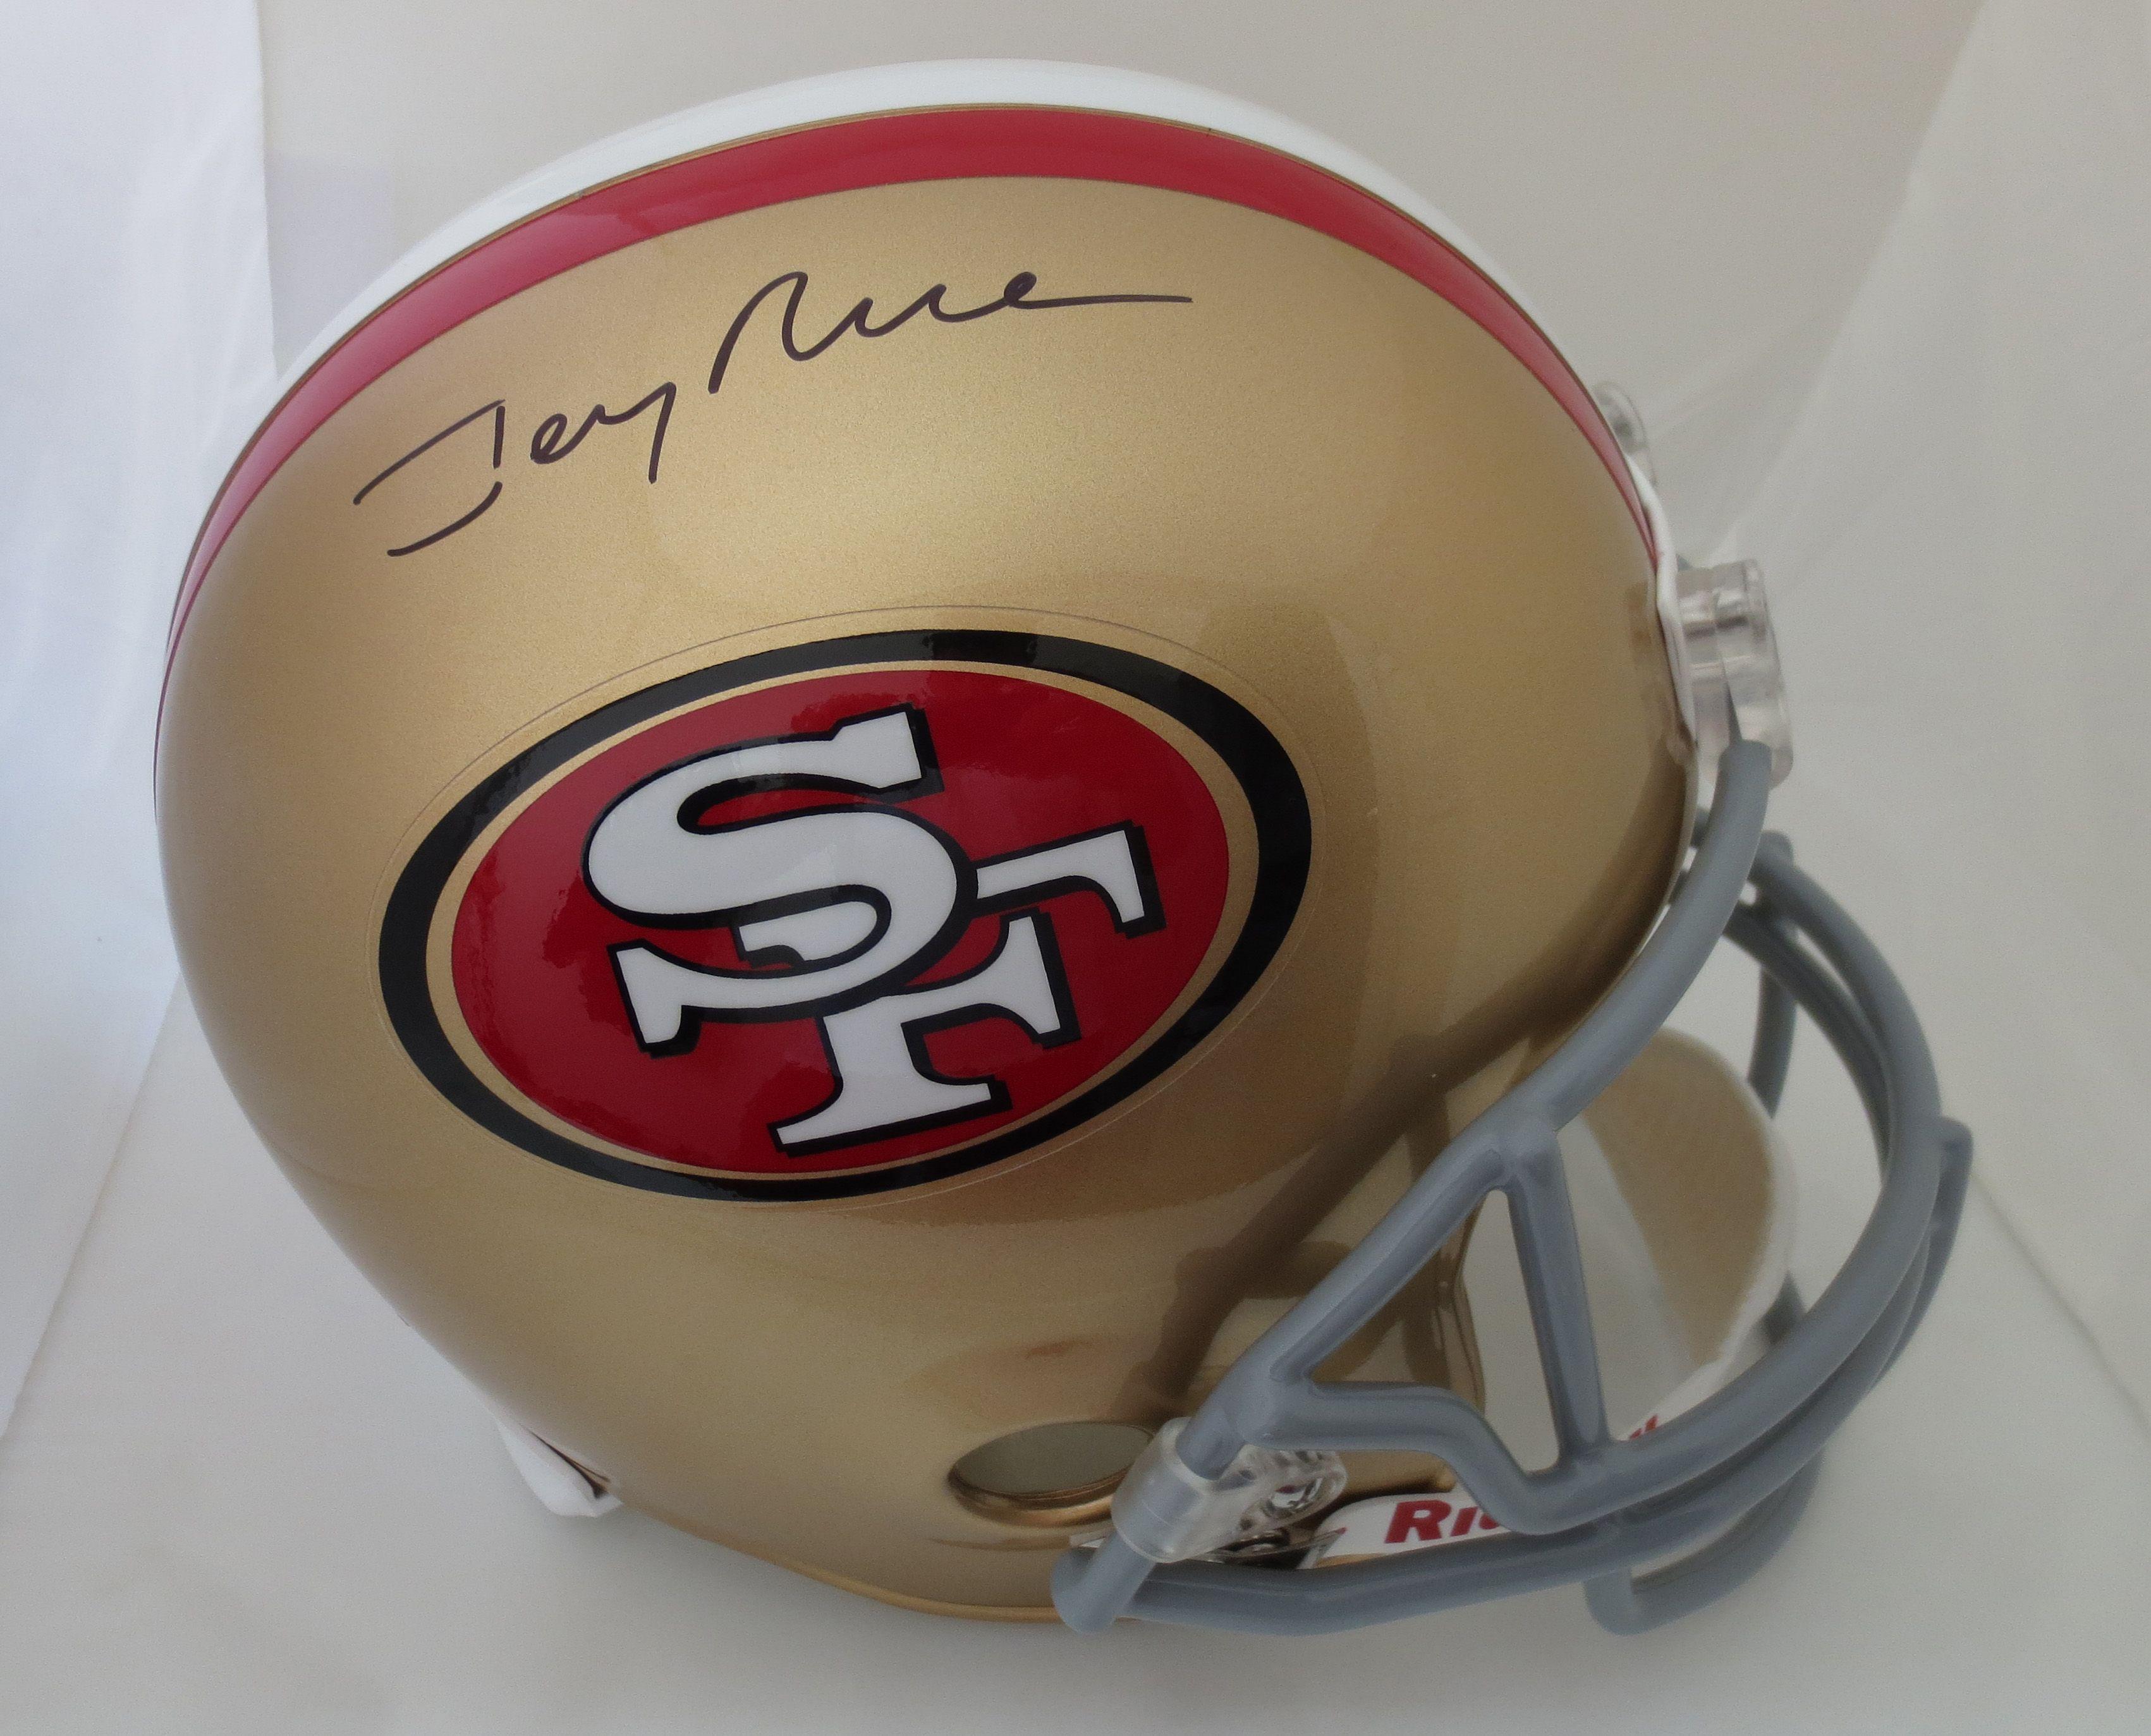 c1a99693e Jerry Rice Autographed San Francisco 49ers Red Football Jersey - Rice HOLO Jerry  Rice Autographed Sa signed autographed